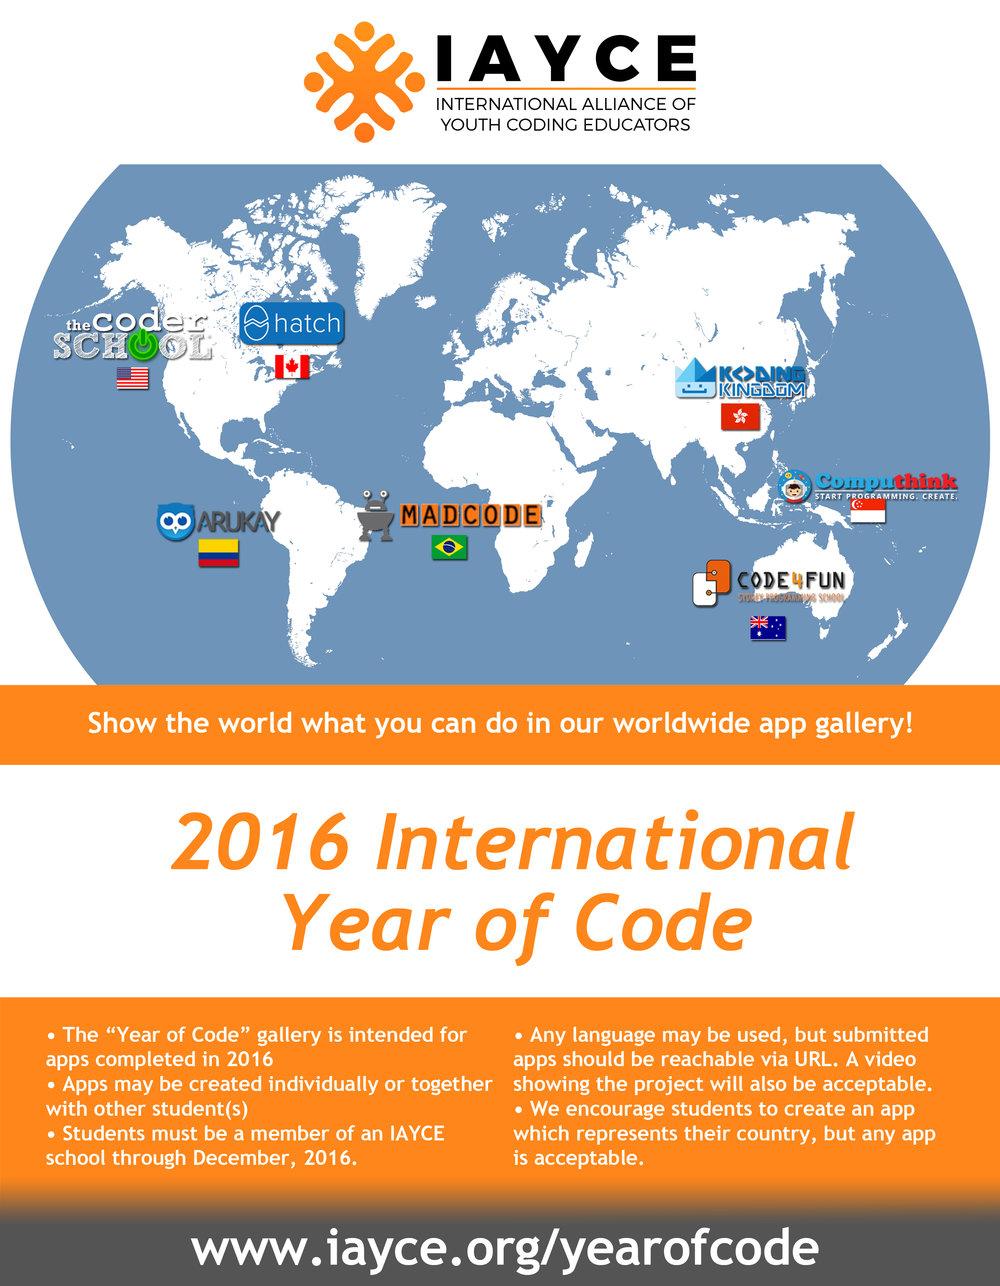 YearOfCode.jpg